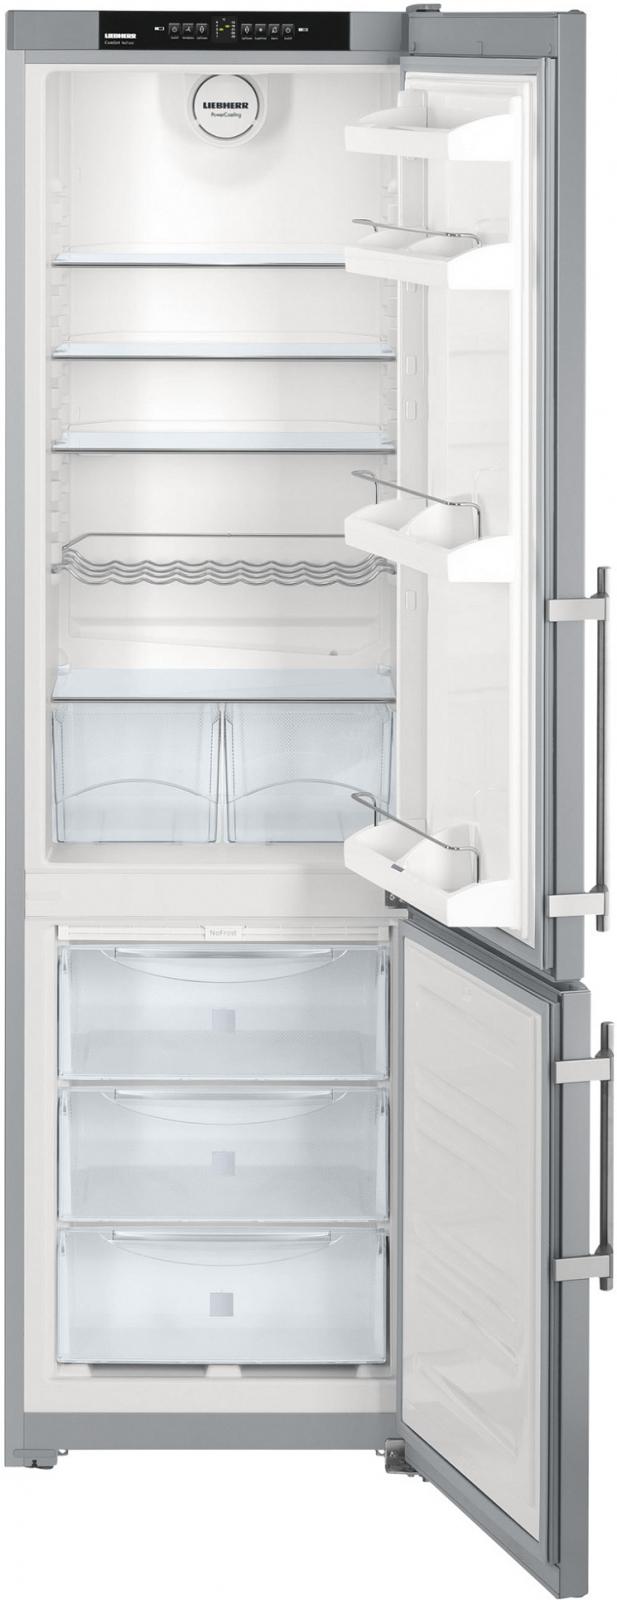 купить Двухкамерный холодильник Liebherr CNPesf 4003 Украина фото 3